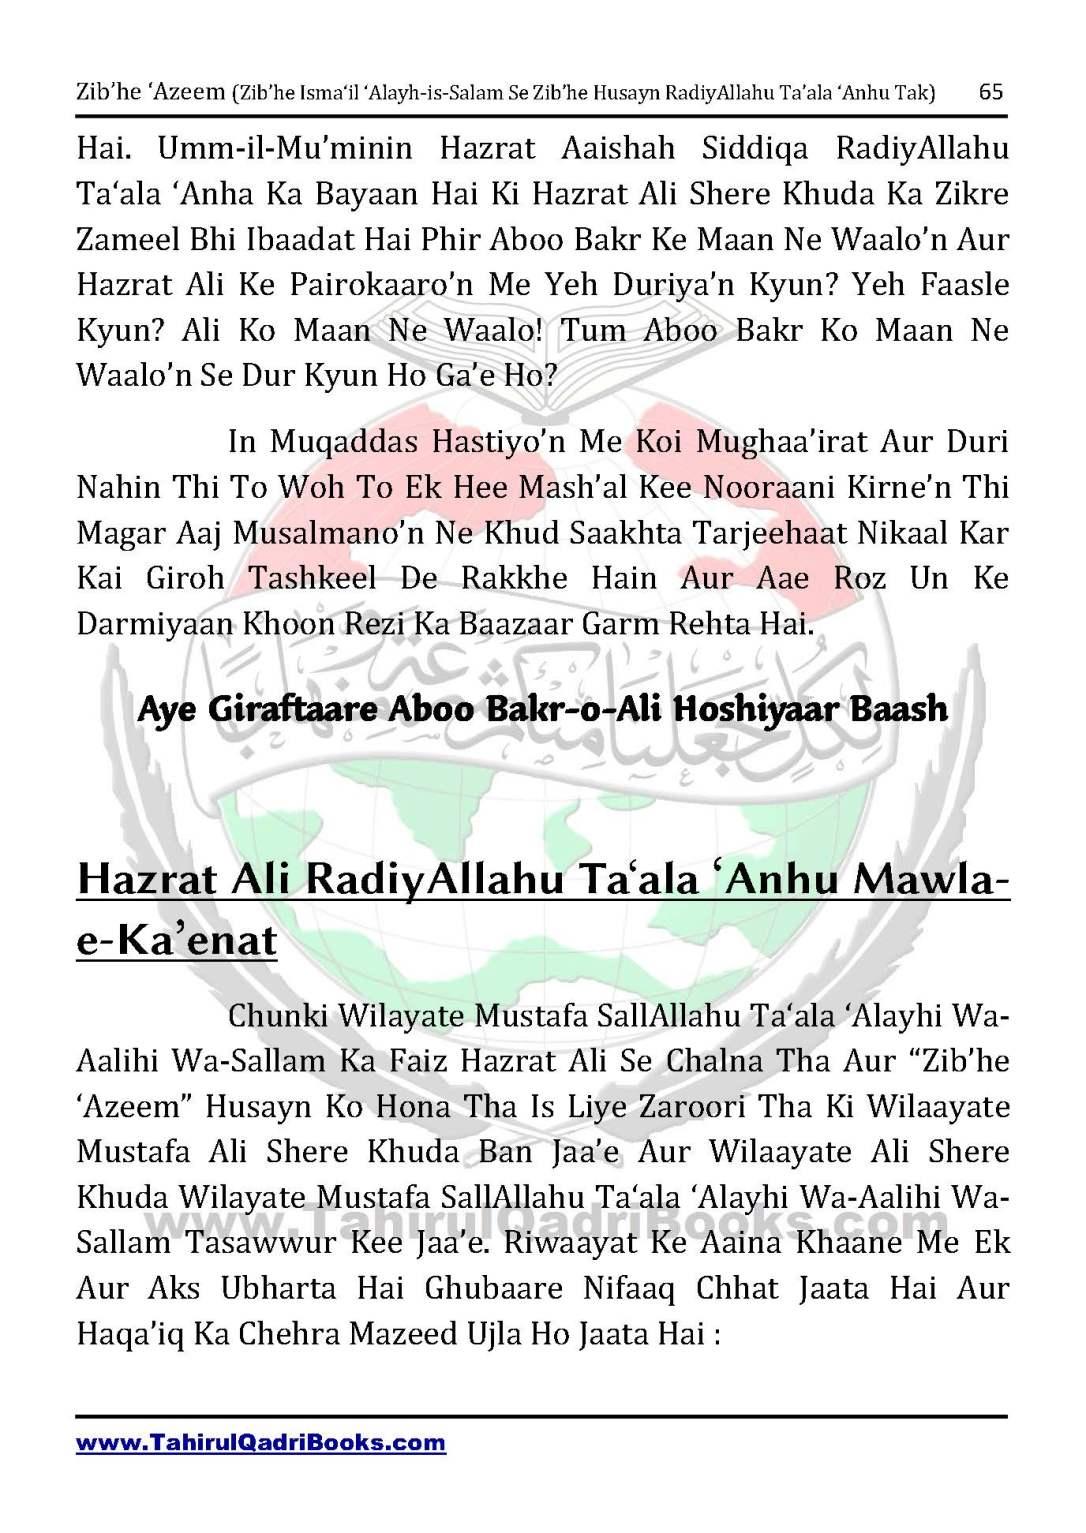 zib_he-e28098azeem-zib_he-ismacabbil-se-zib_he-husayn-tak-in-roman-urdu-unlocked_Page_065